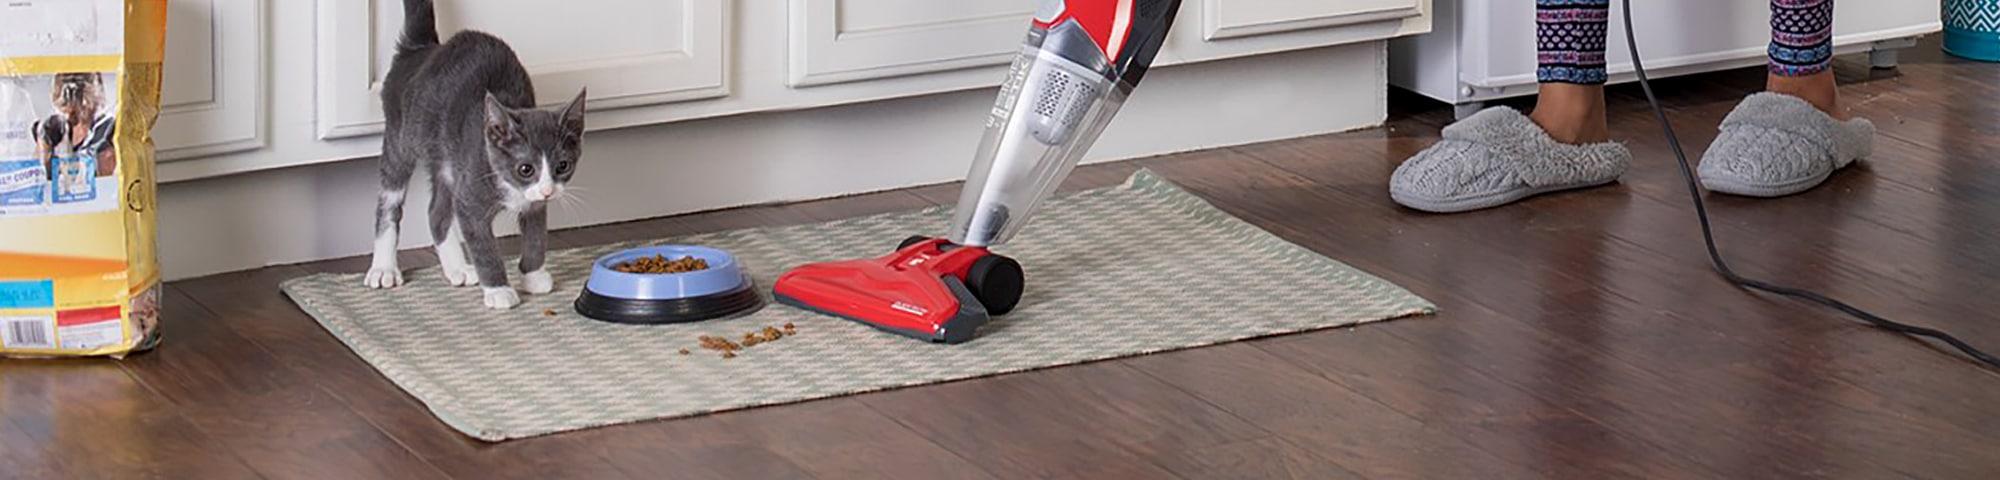 Best Vacuums Under 500